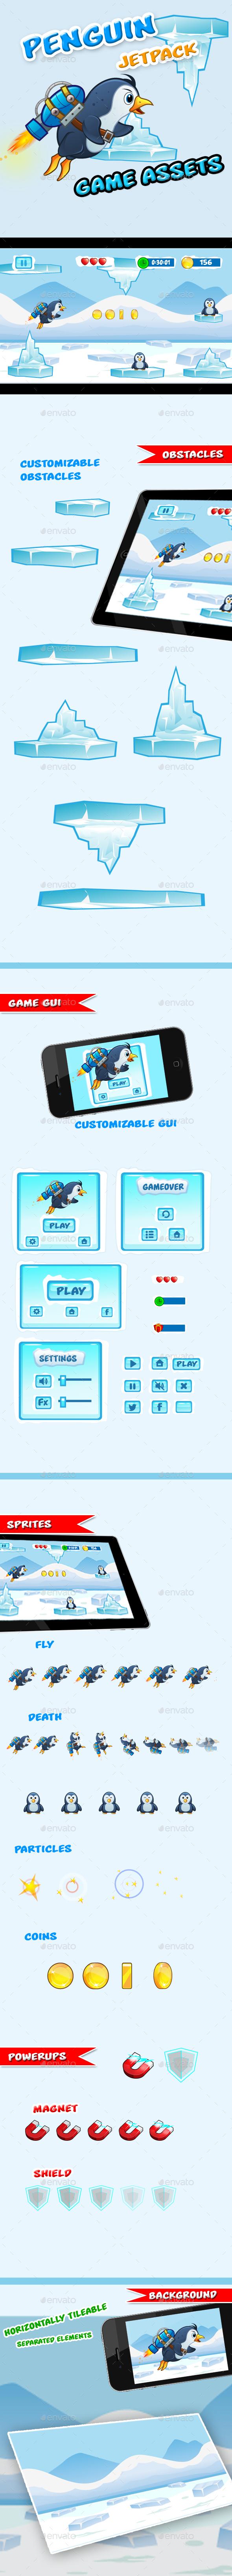 Jetpack Penguin Game Assets - Game Kits Game Assets